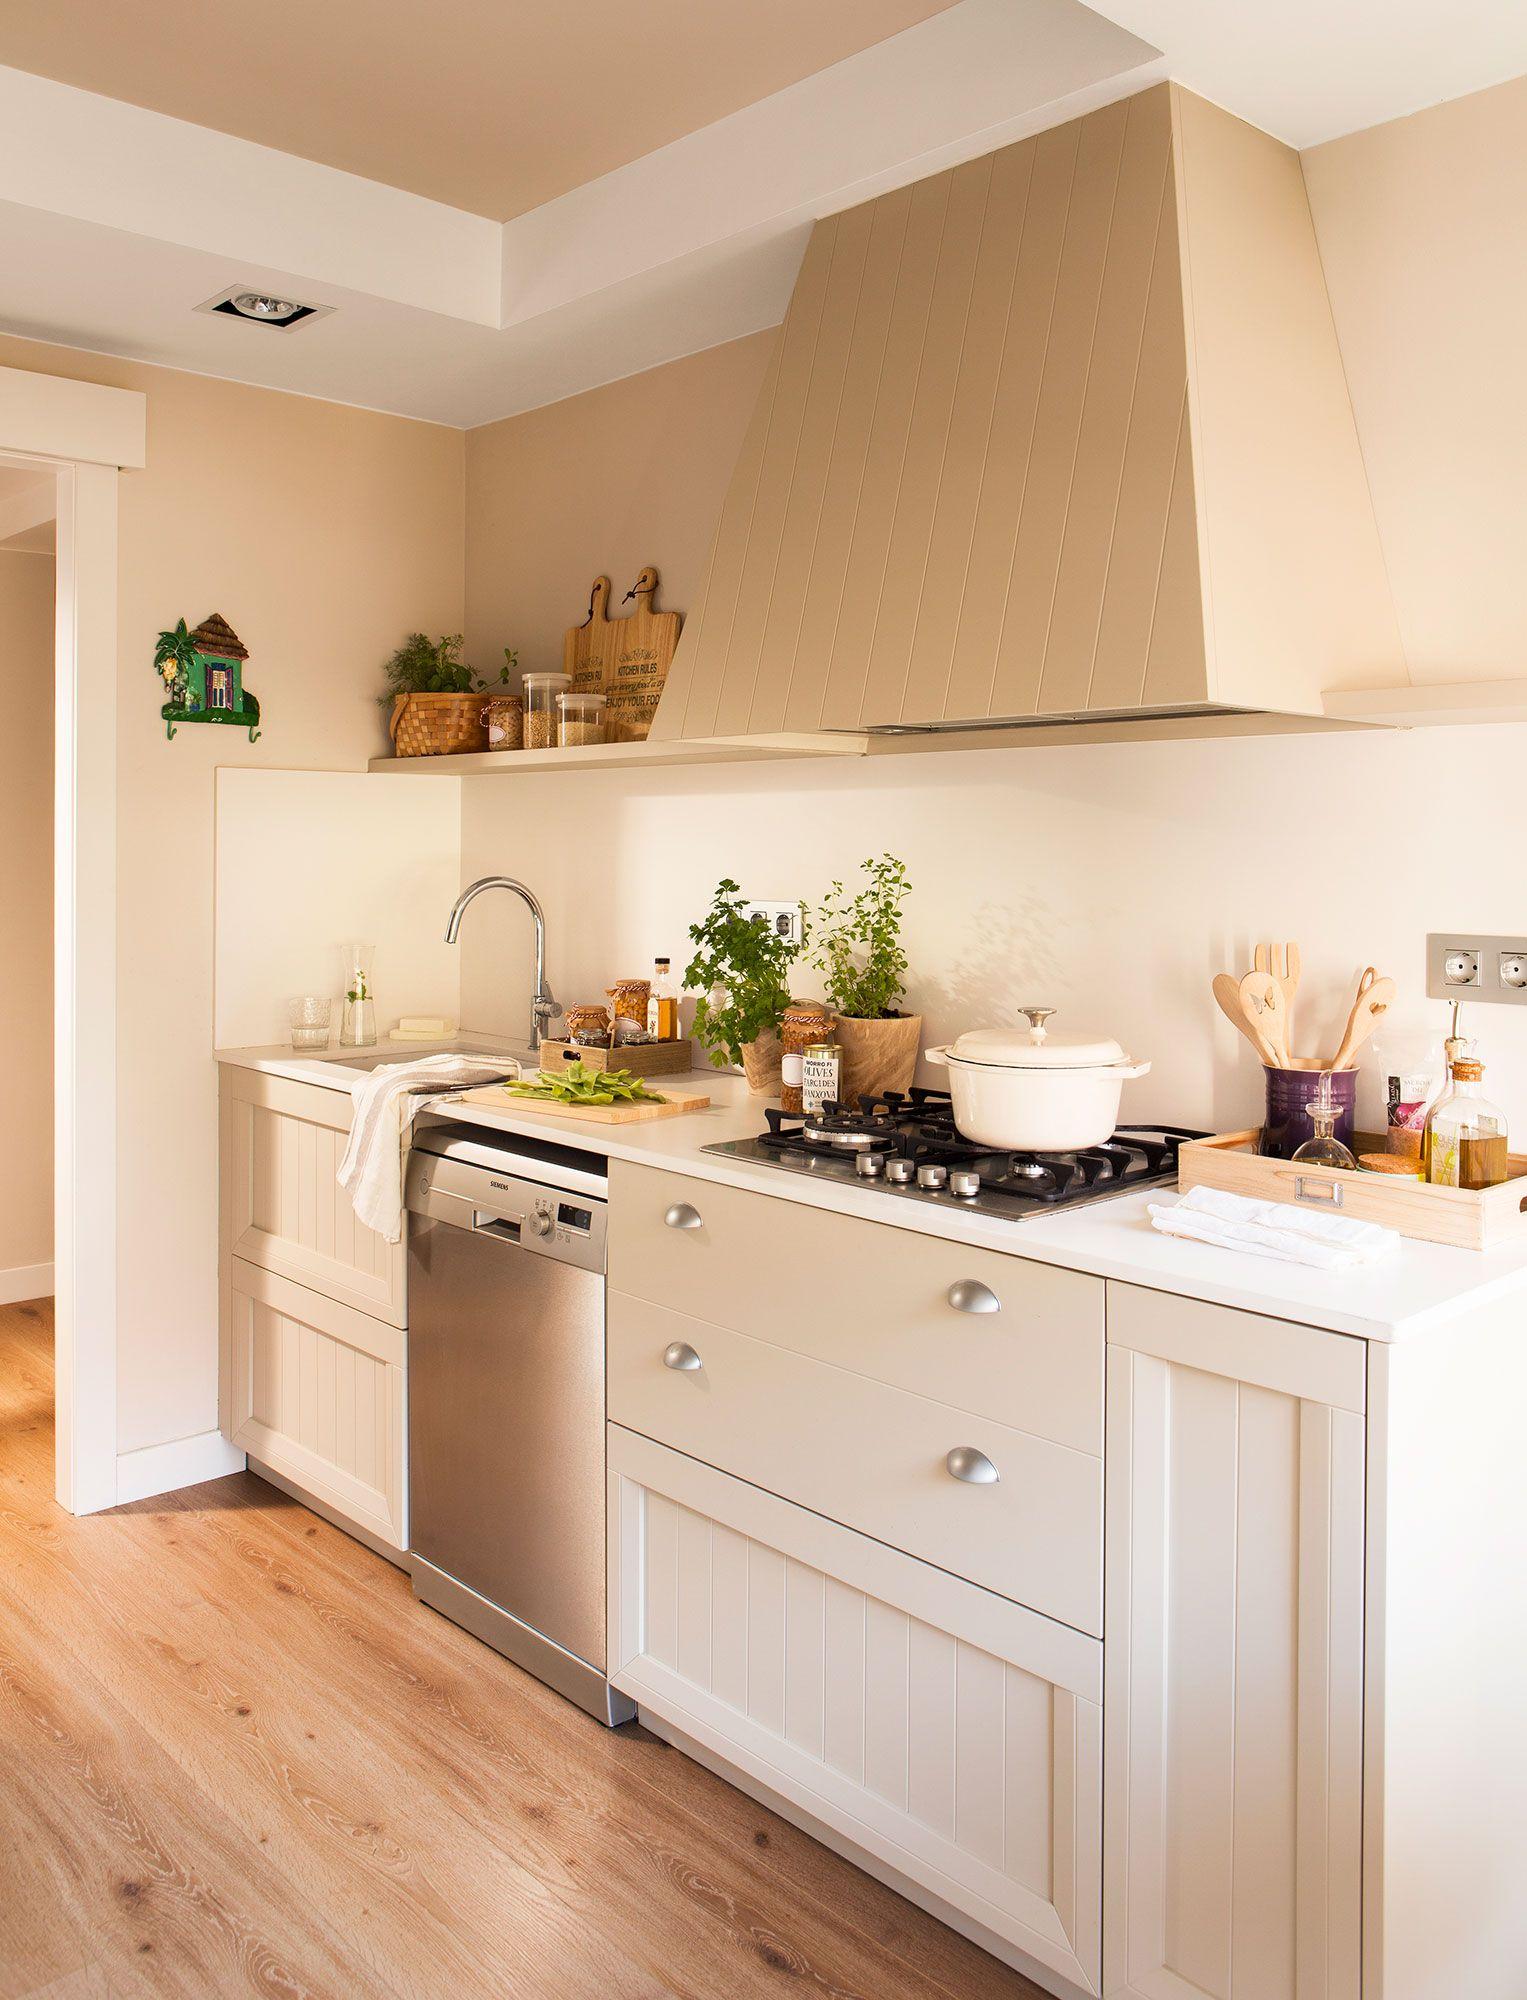 Cocina barra el mueble 00450032 cocina peque a el for Estantes para cocina pequena